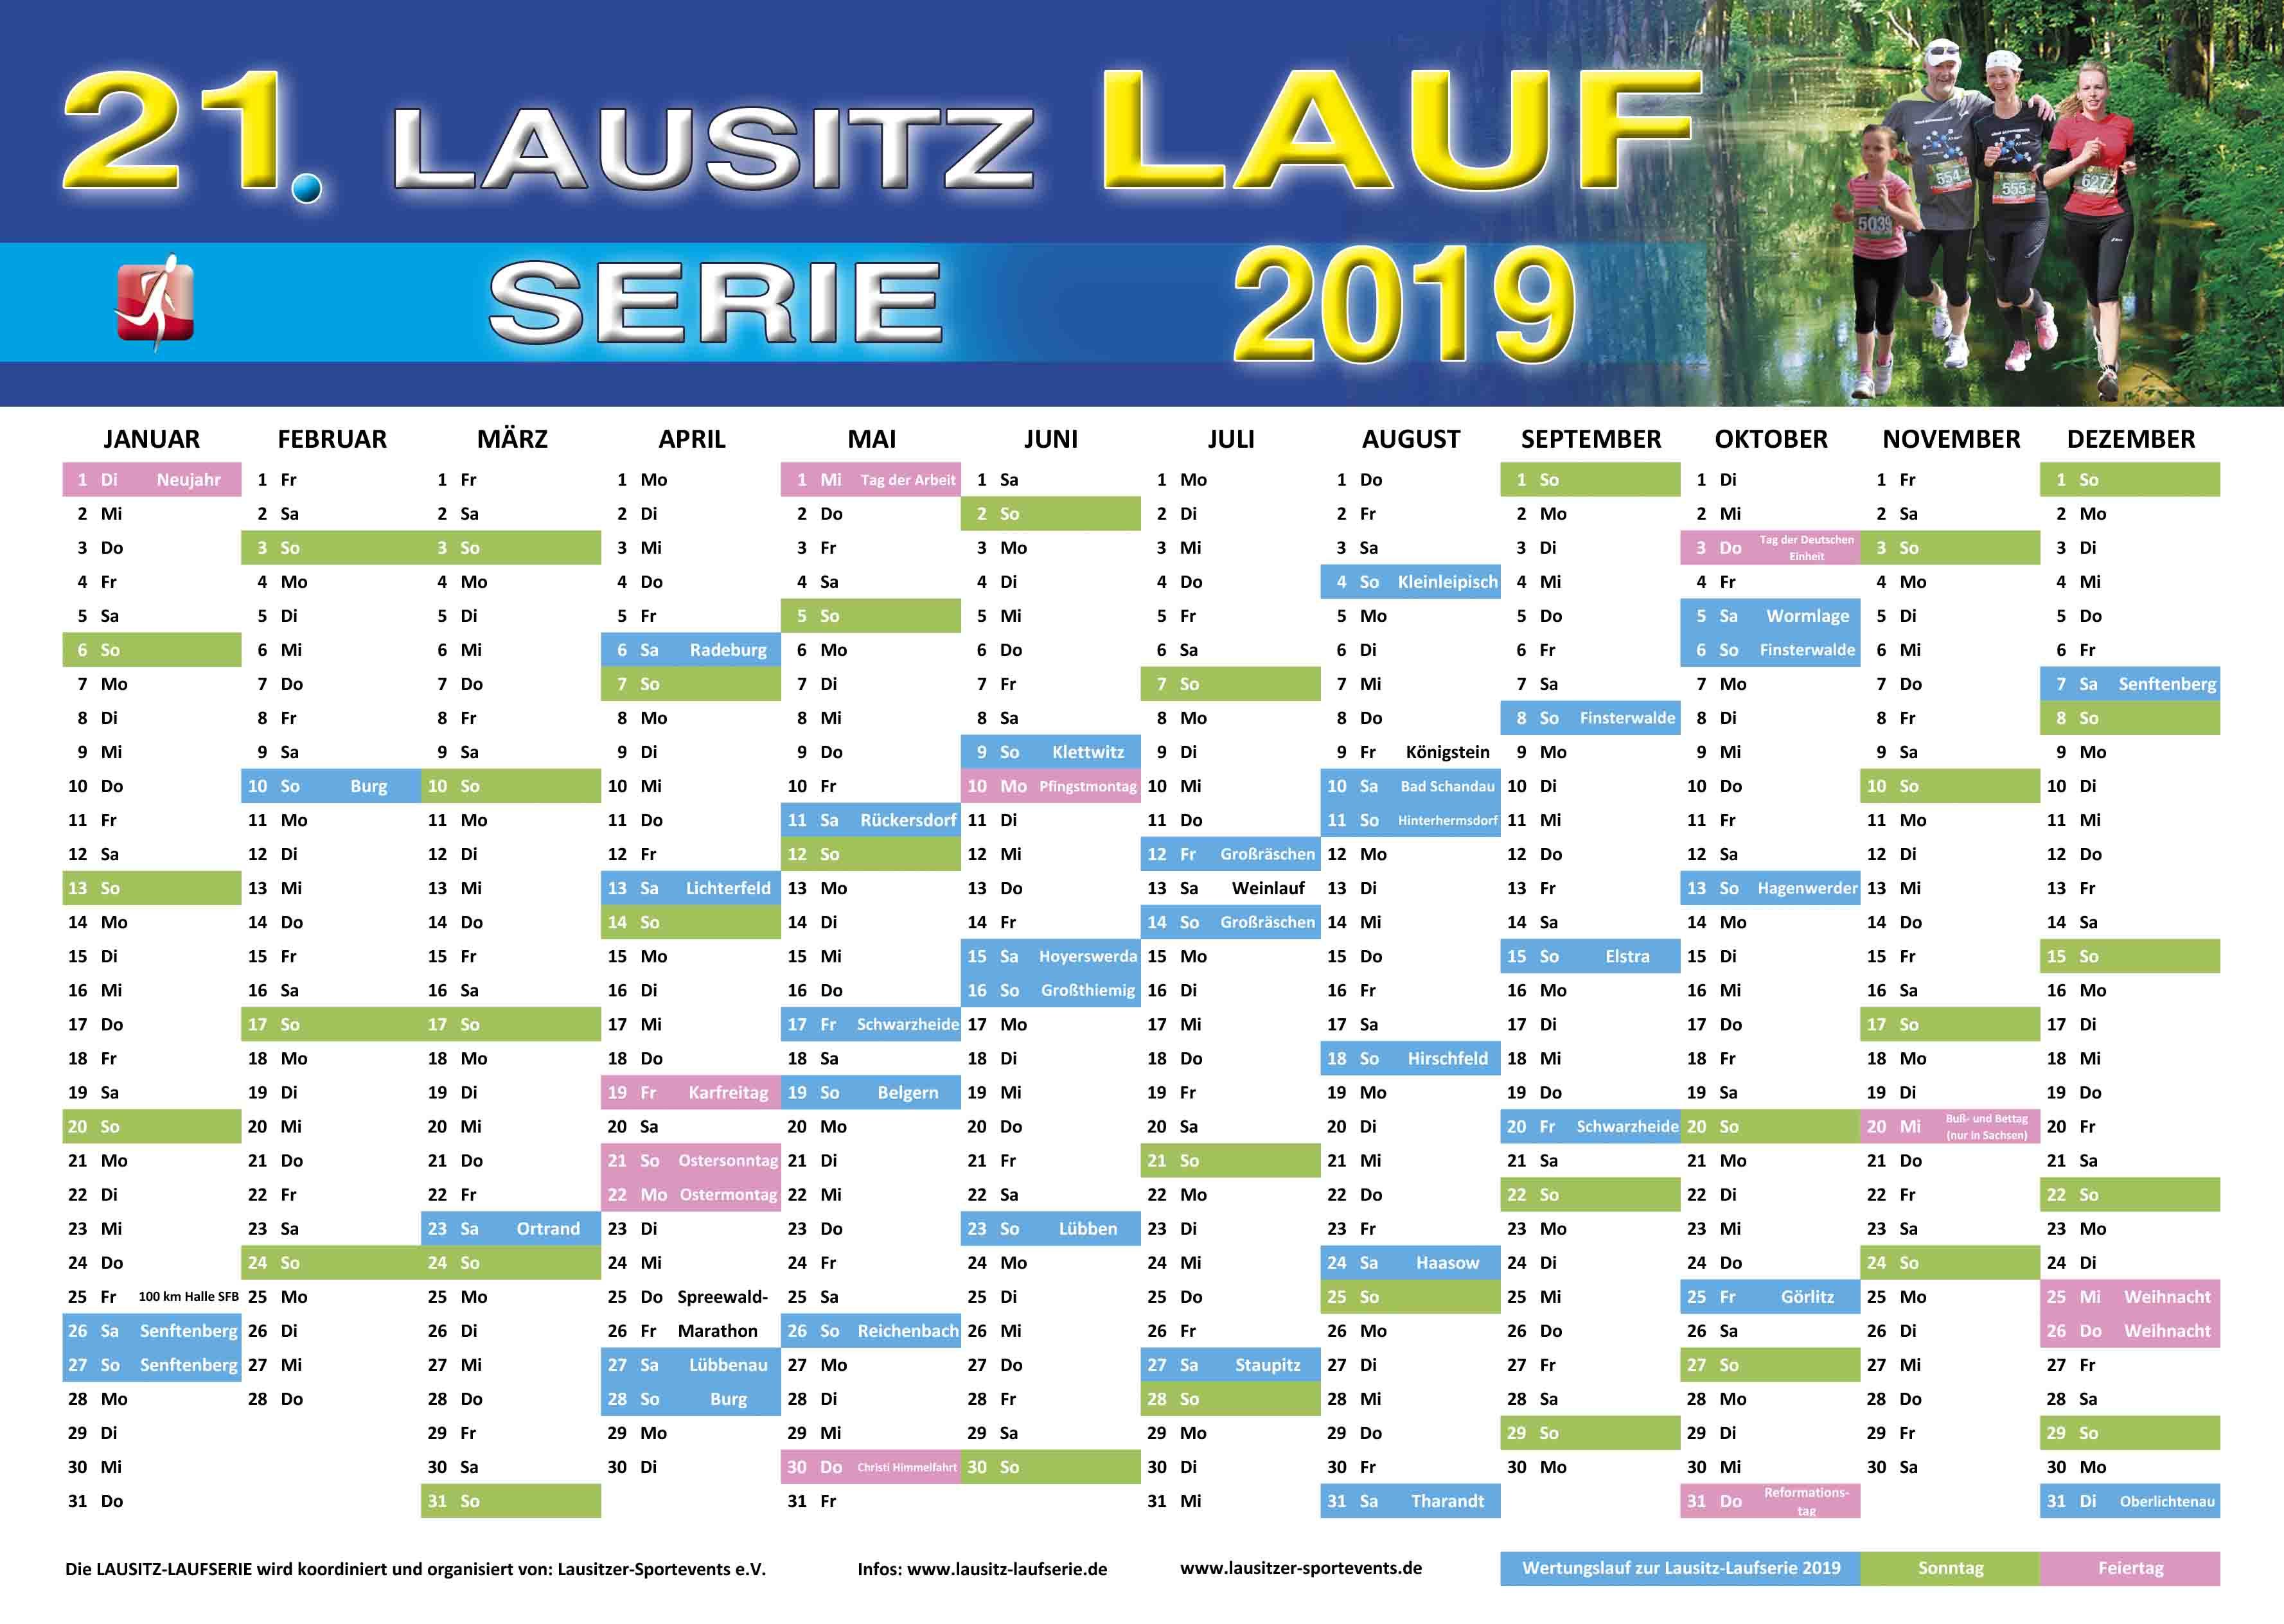 Der Jahreskalender zur 21. LAUSITZ-LAUFSERIE 2019